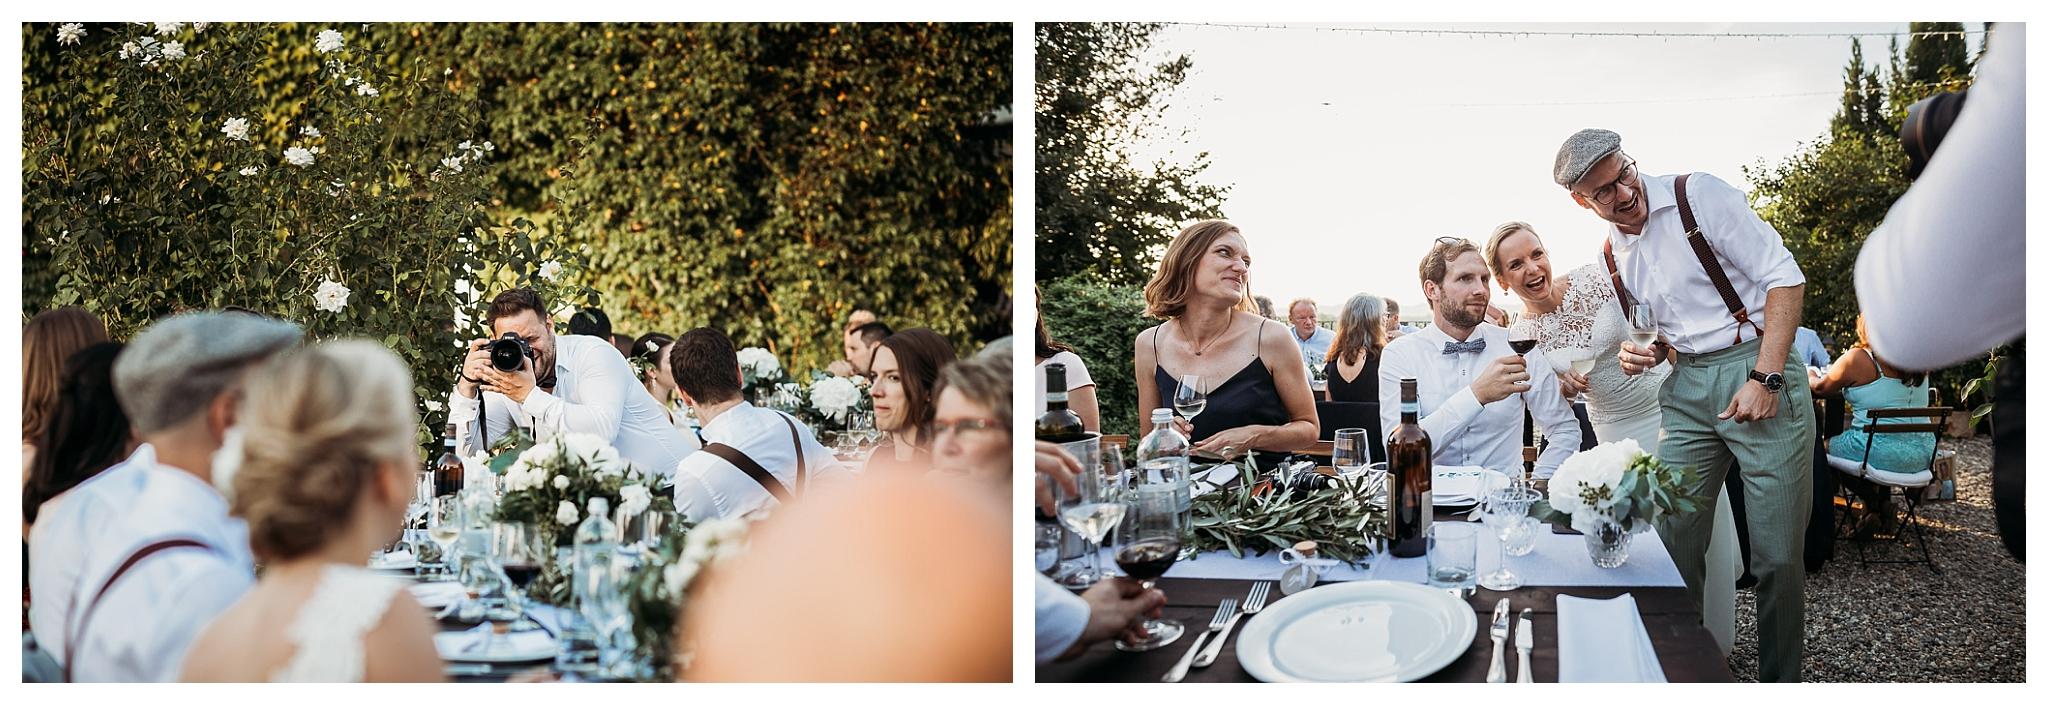 Wedding celebrations in Italy at La Villa Hotel, Mombaruzzo